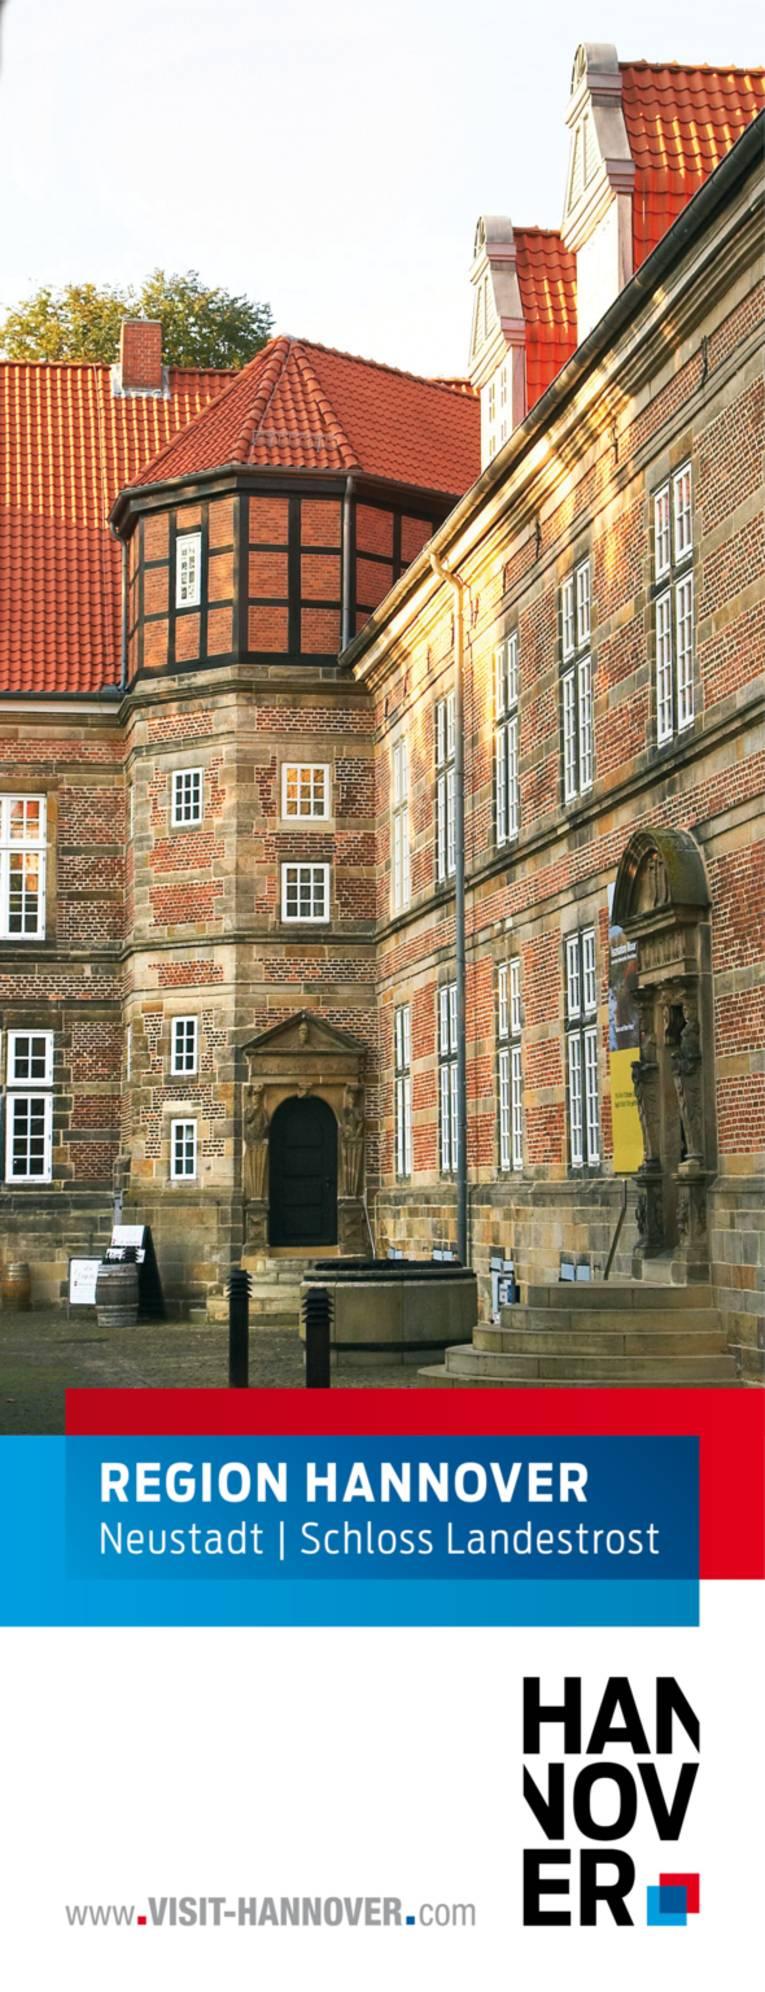 Neustadt am Rübenberge präsentiert sich mit einem Motiv des Schloss Landestrost.